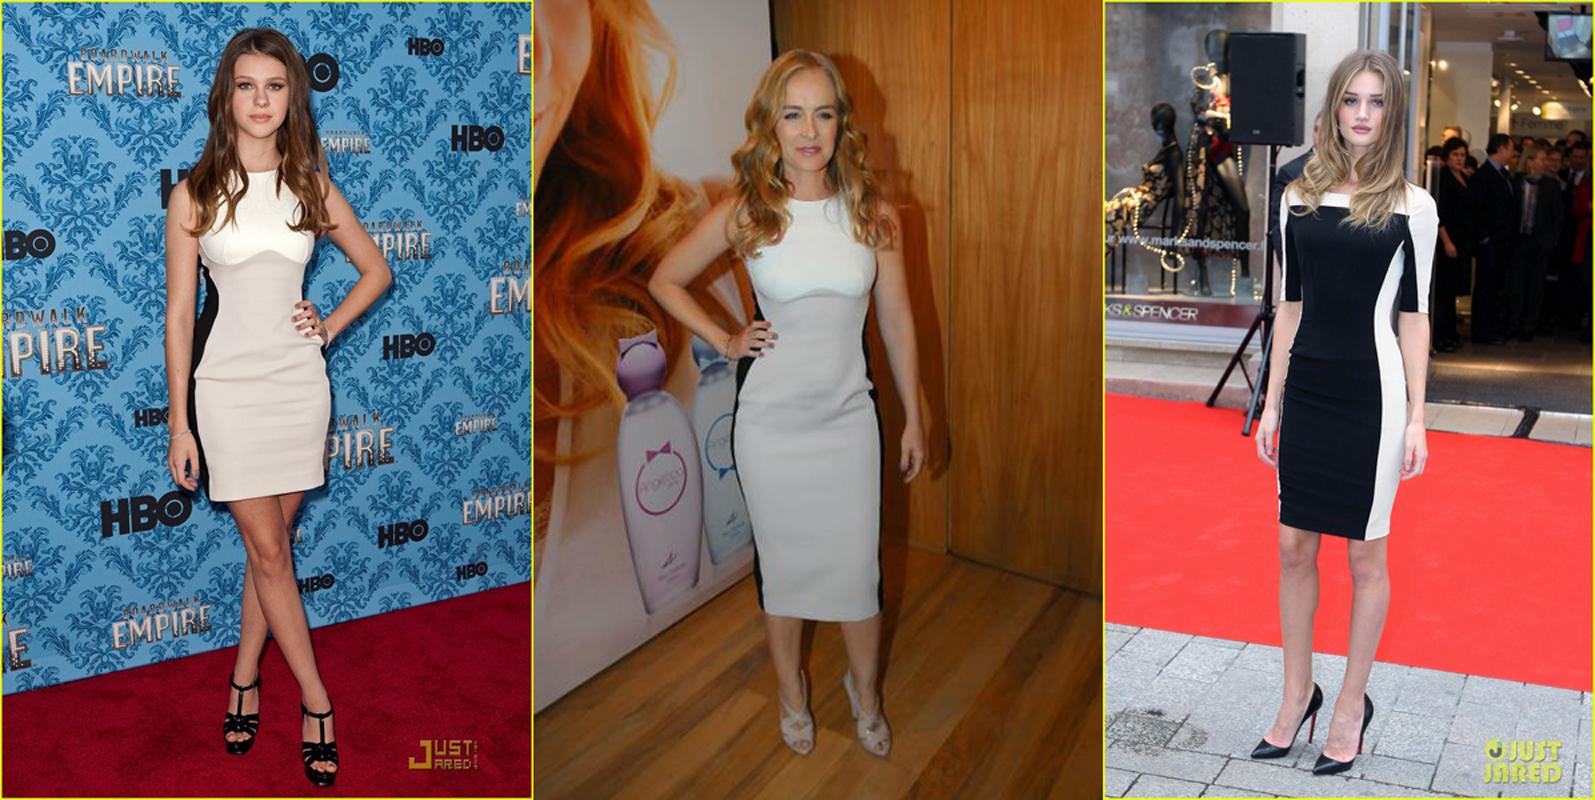 http://4.bp.blogspot.com/-PGkSklRBpmk/TtKSyzC9YMI/AAAAAAAAAes/uH7gwrNVrIA/s1600/Stella+McCartney+-+Angelica+2.jpg